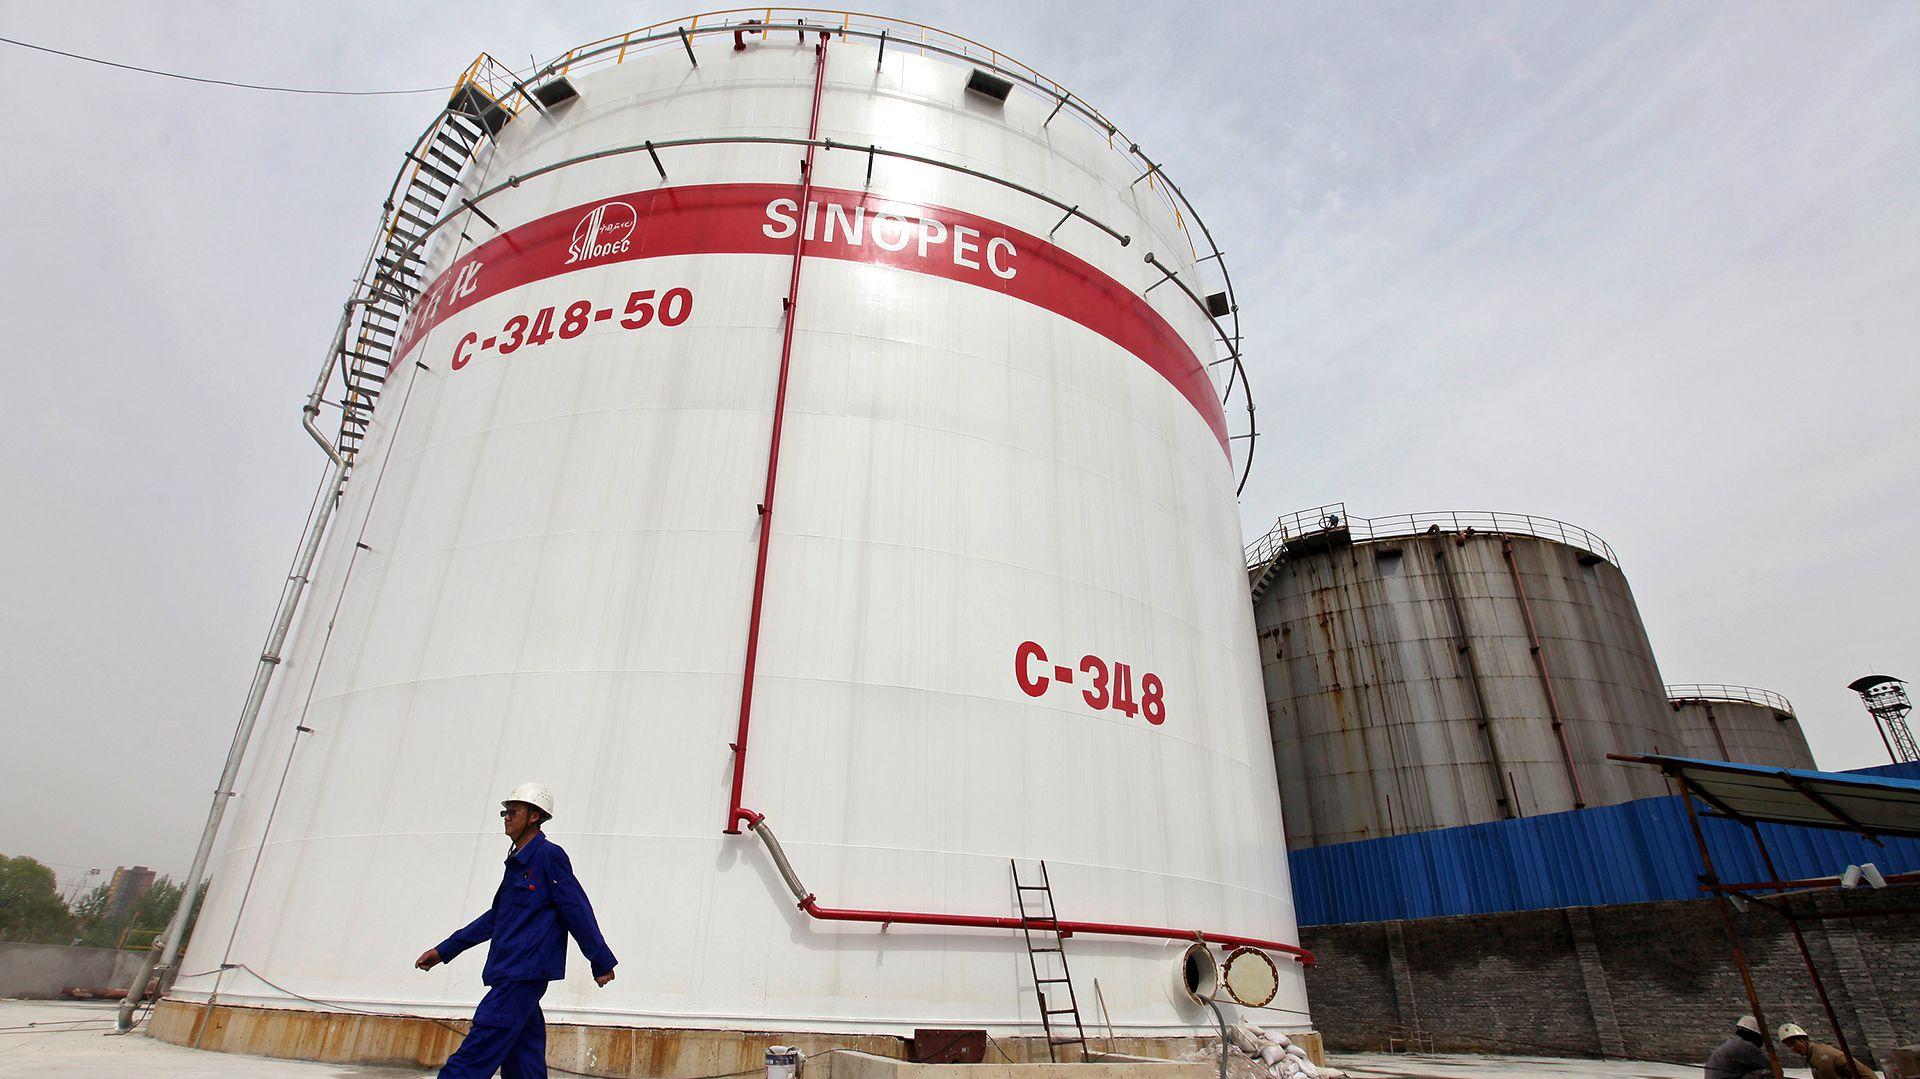 Sinopec, otra de las petroleras interesadas en la compra (Reuters)